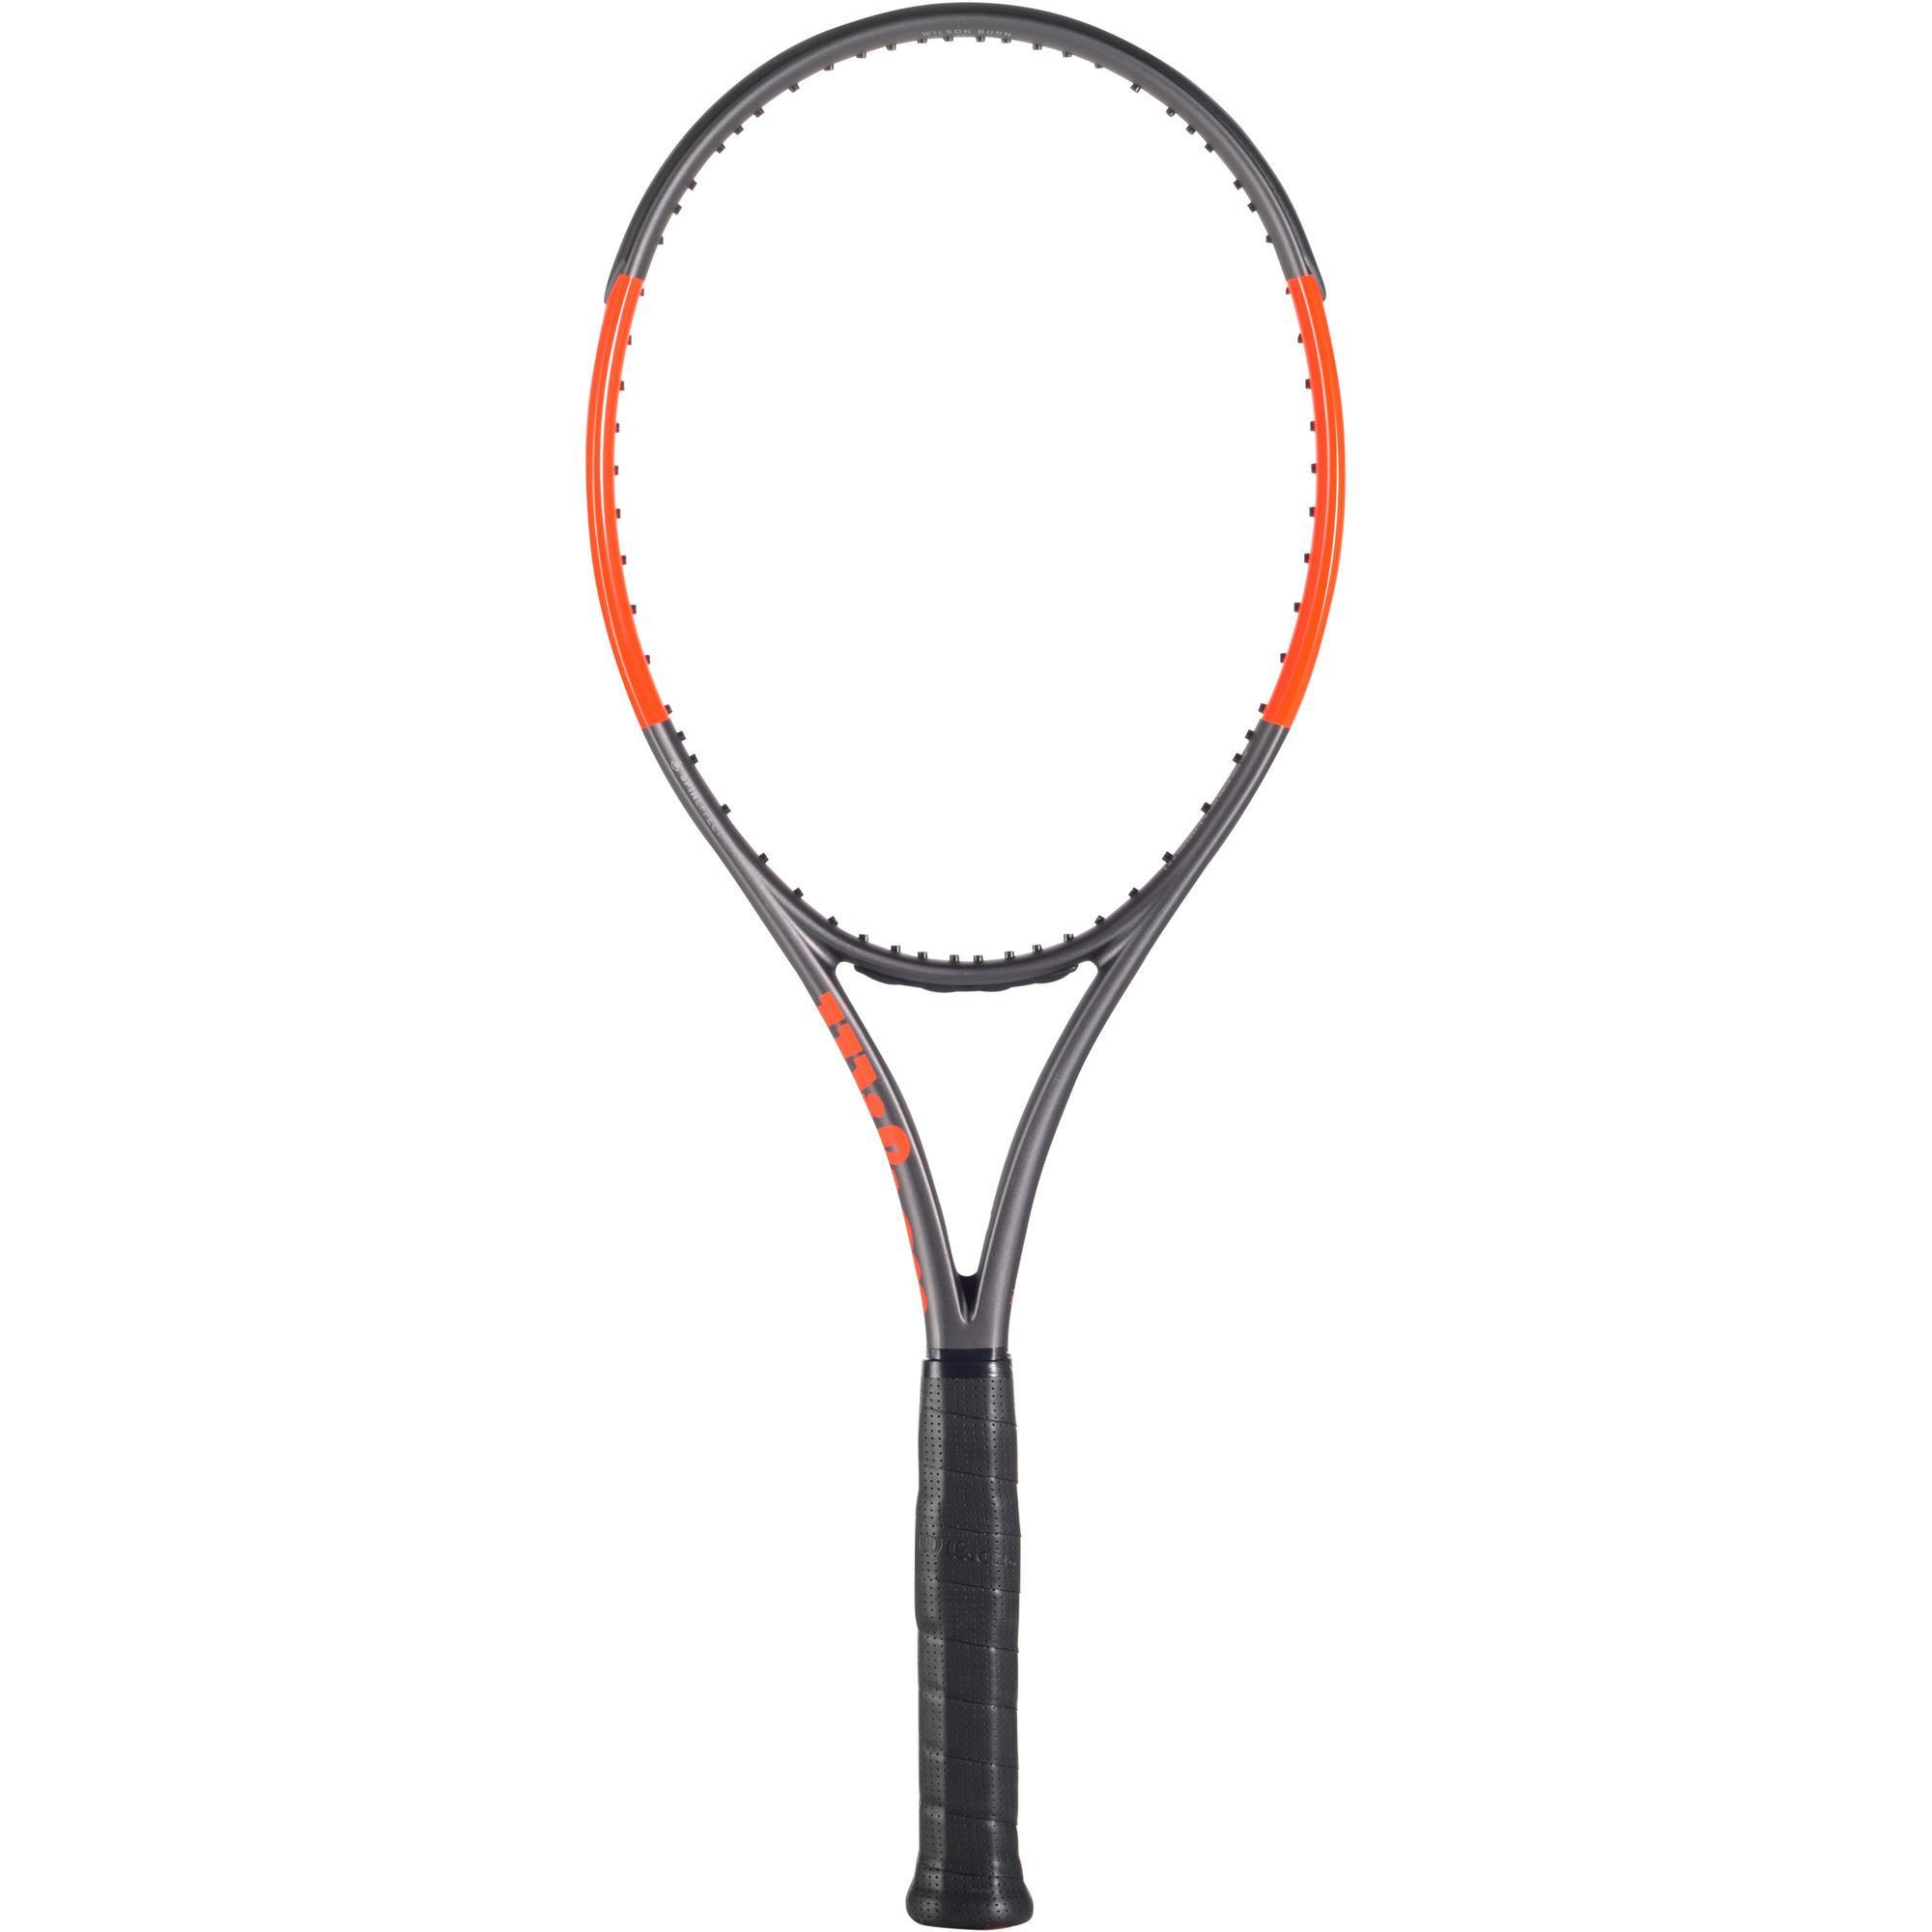 Wilson Tennisracket voor volwassenen Burn 100 LS grijs/oranje